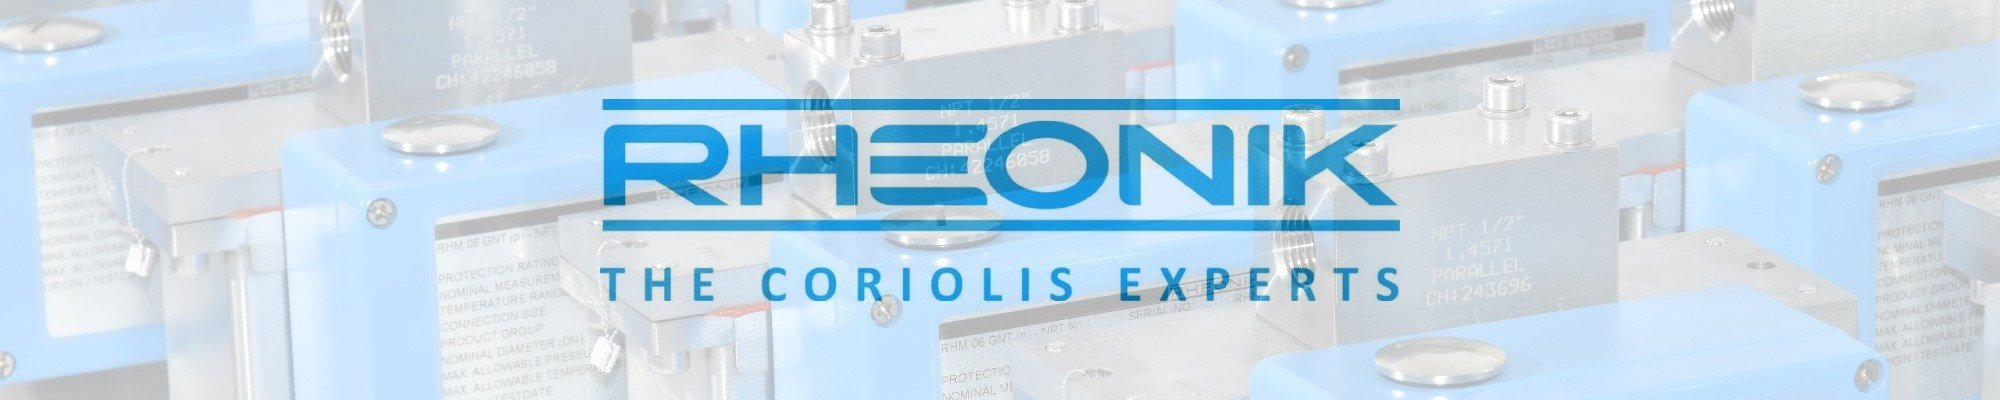 Rheonik Coriolis meter - ODS web page header